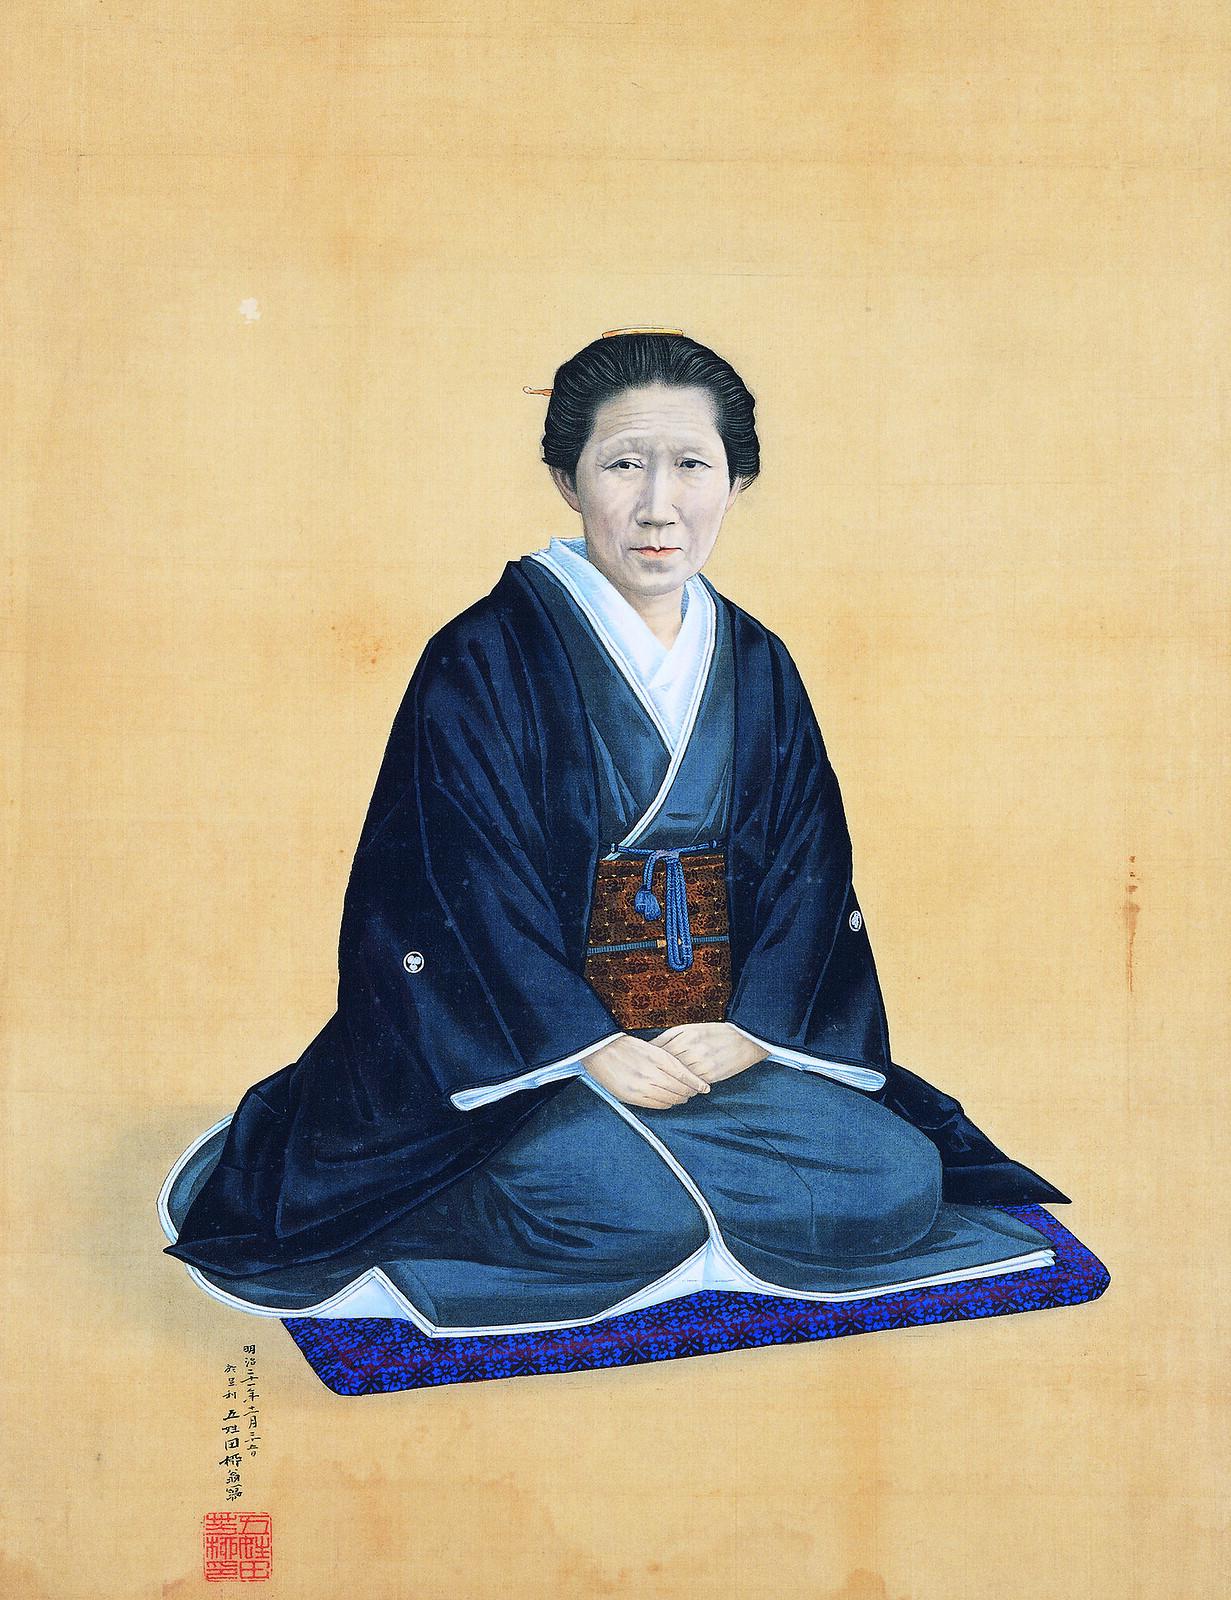 五姓田芳柳《婦人肖像 於足利》(1888年、足利市立美術館)